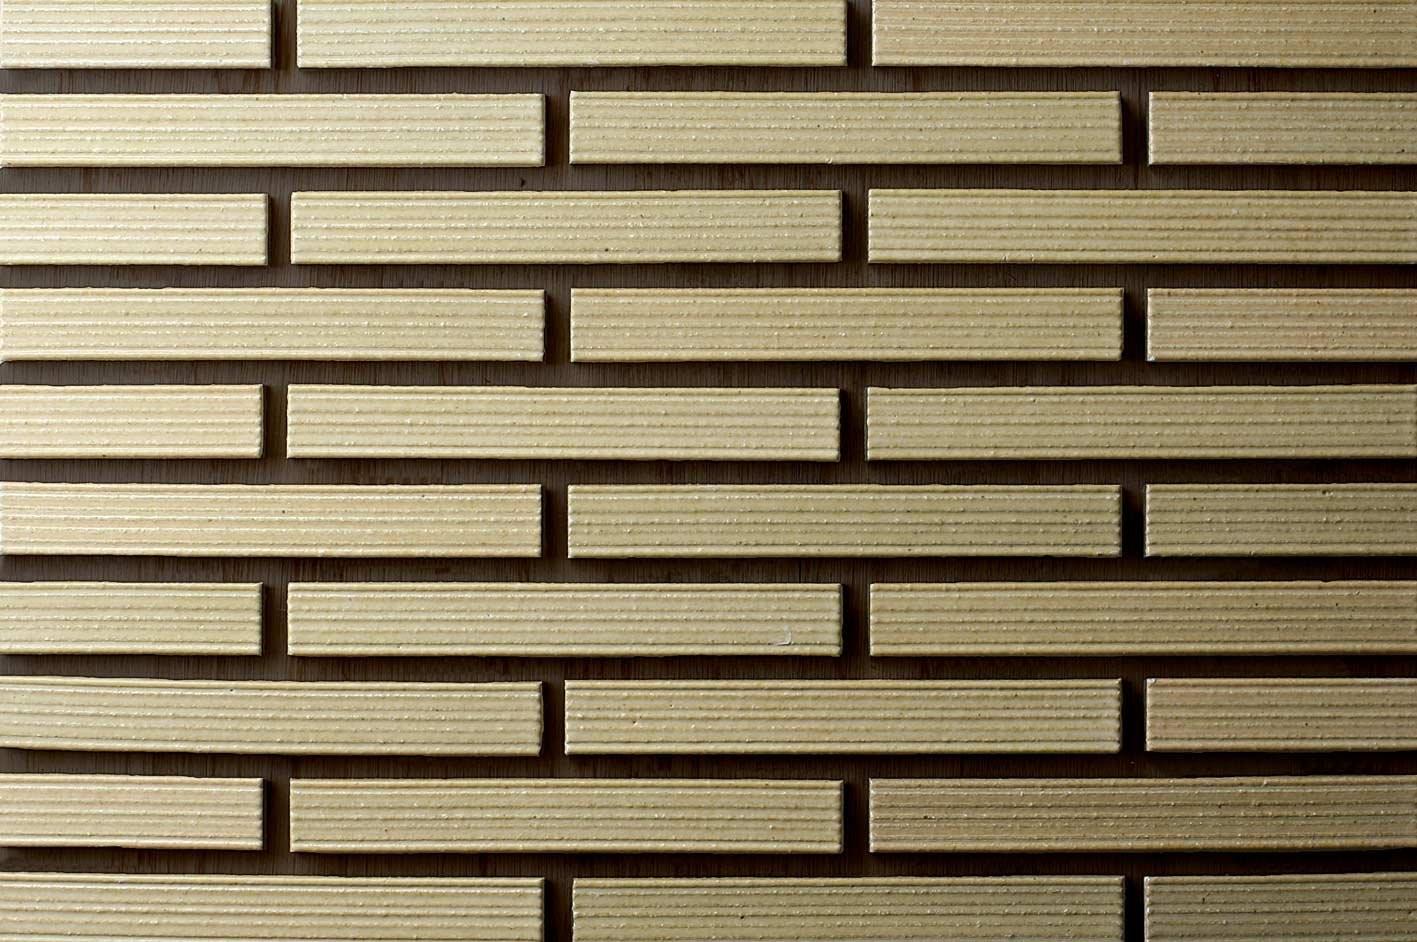 wall tiles design for exterior photo - 8